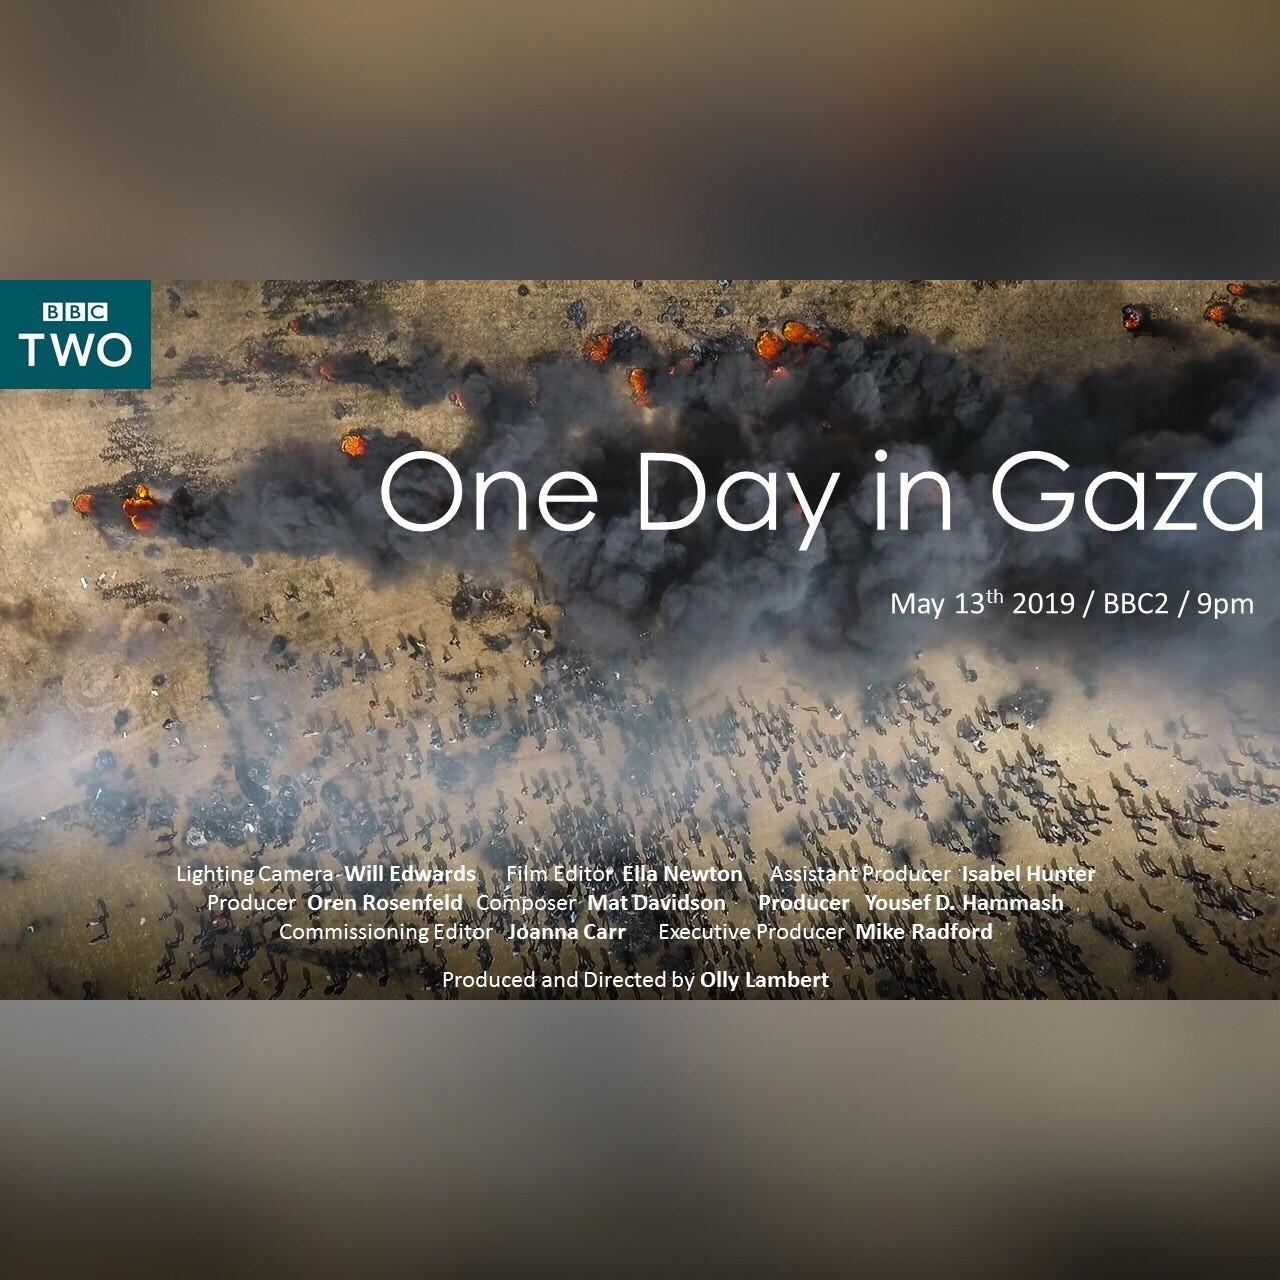 One day in gaza square